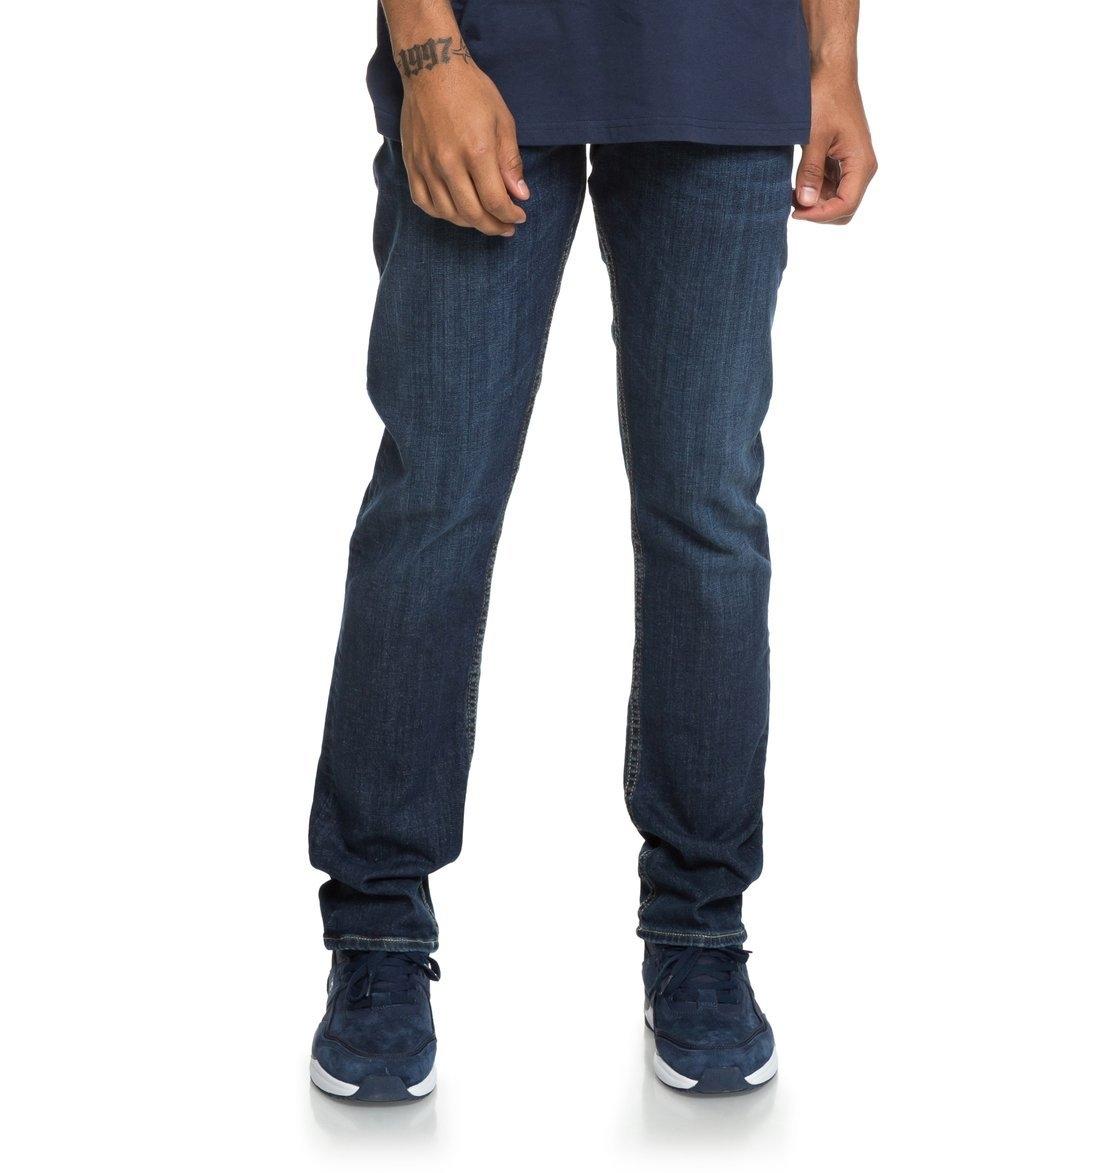 Dc Shoes Jeans met rechte pasvorm »Worker Medium Stone« bestellen: 14 dagen bedenktijd